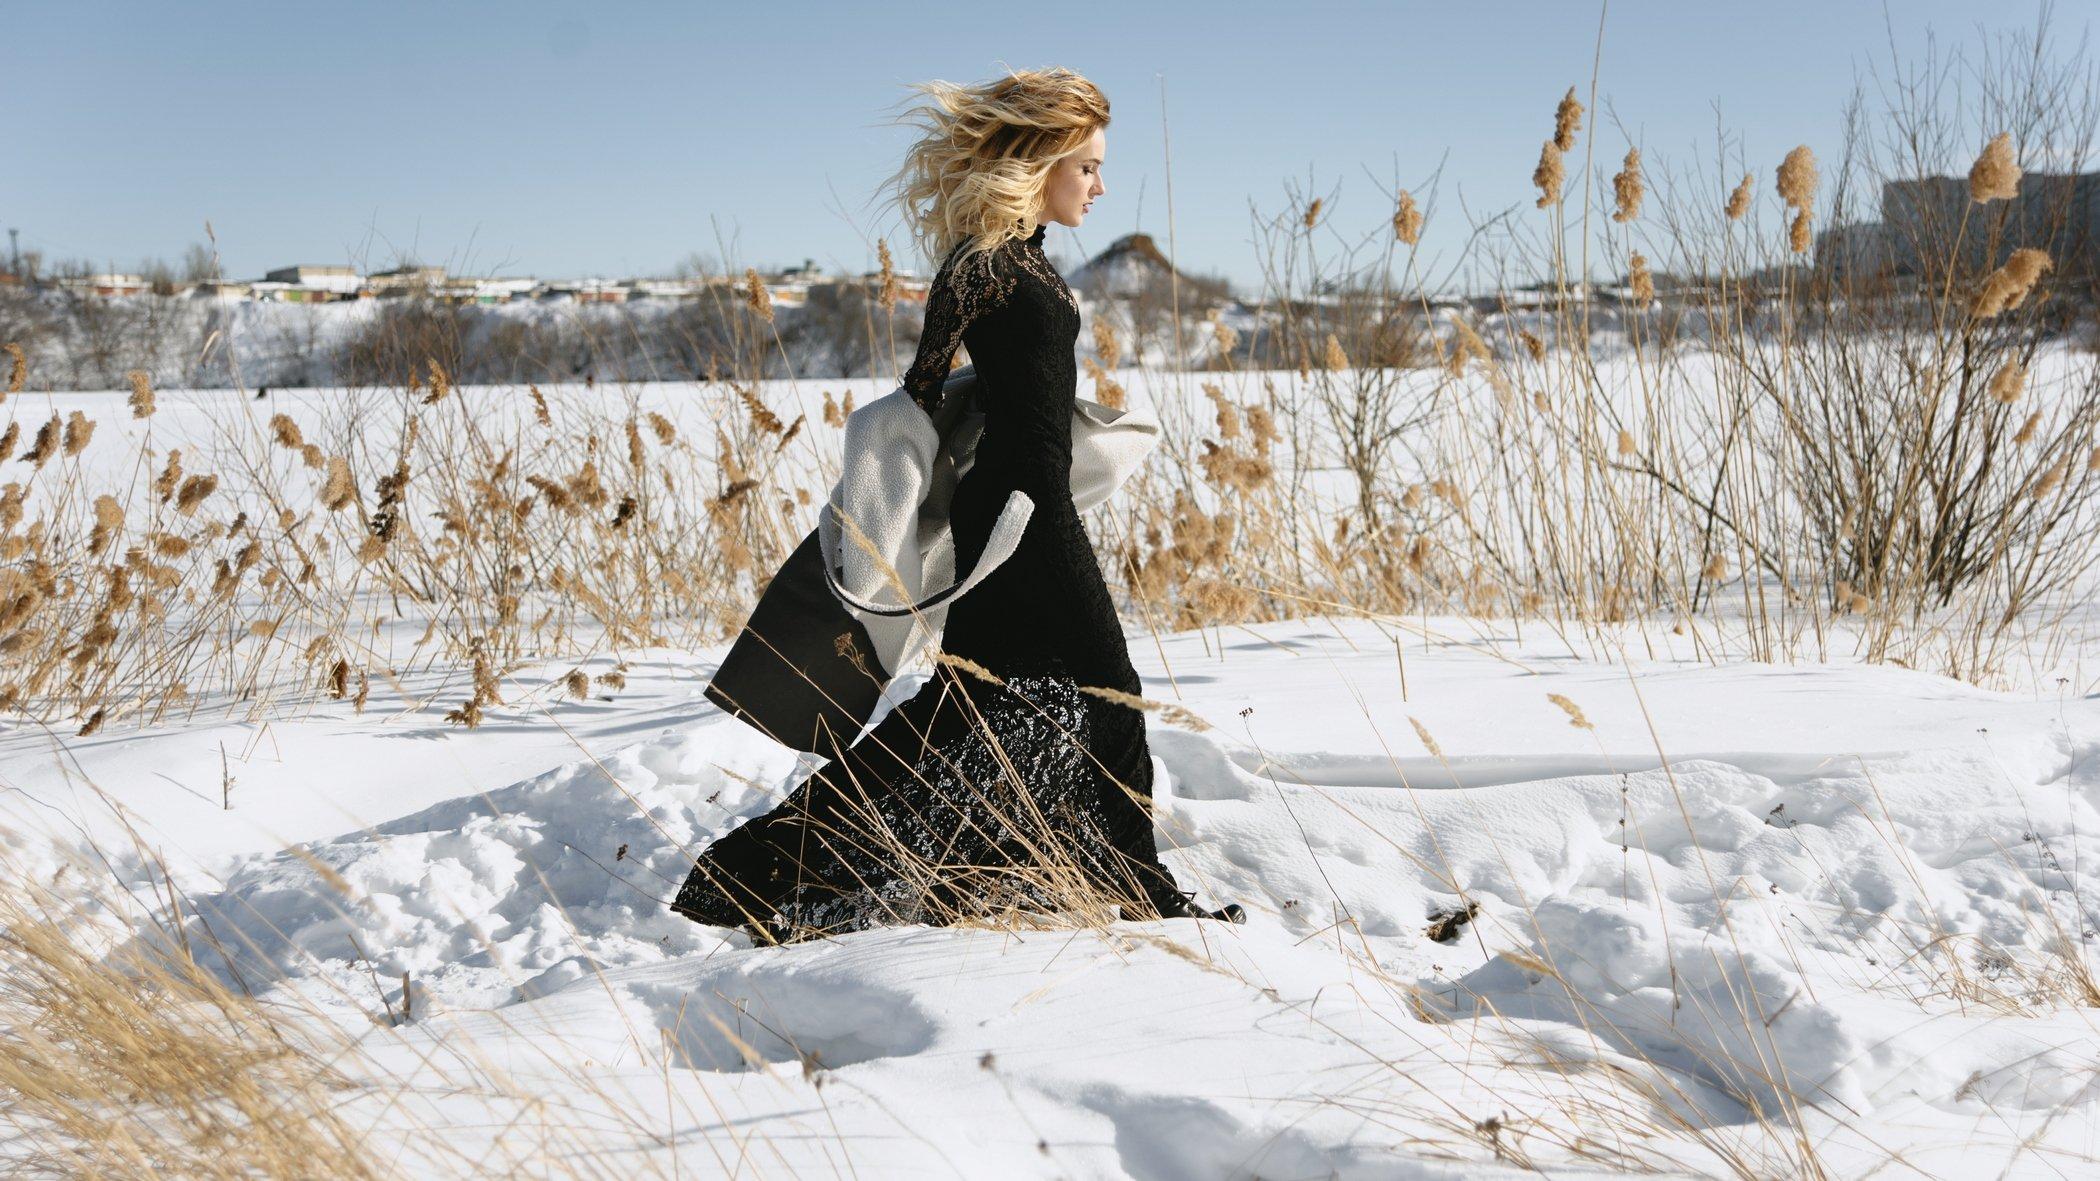 девушка, юность, молодость, зима, снег, Антон Маланин